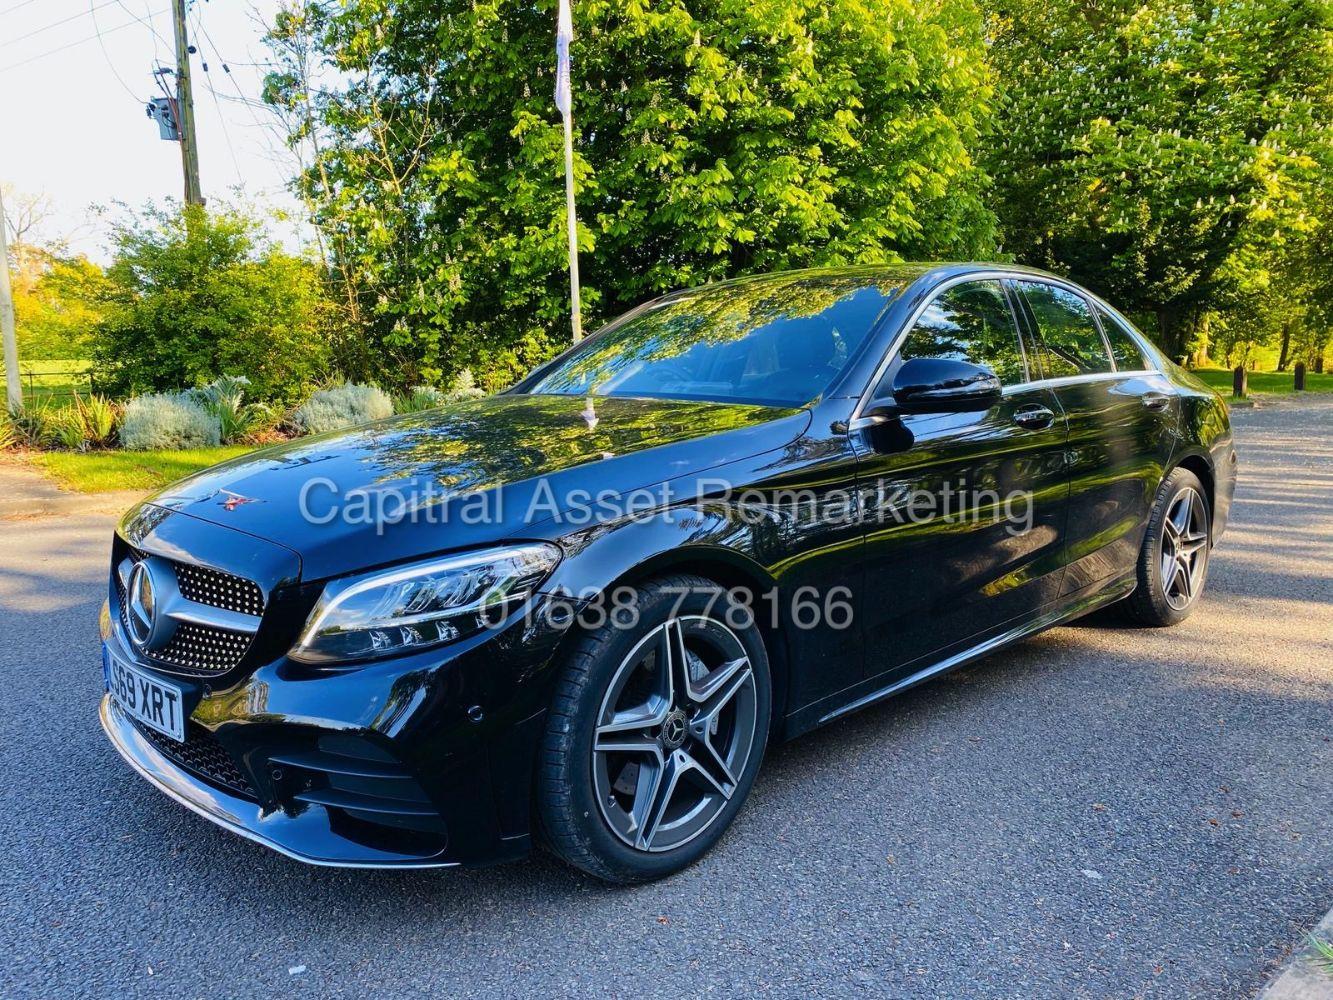 2020 Mercedes-Benz C220d *AMG Line* - 2017 Skoda Octavia - 2017 Mercedes Vito 114 XLWB *Fridge* + Many More: Cars, Commercials & 4x4's !!!